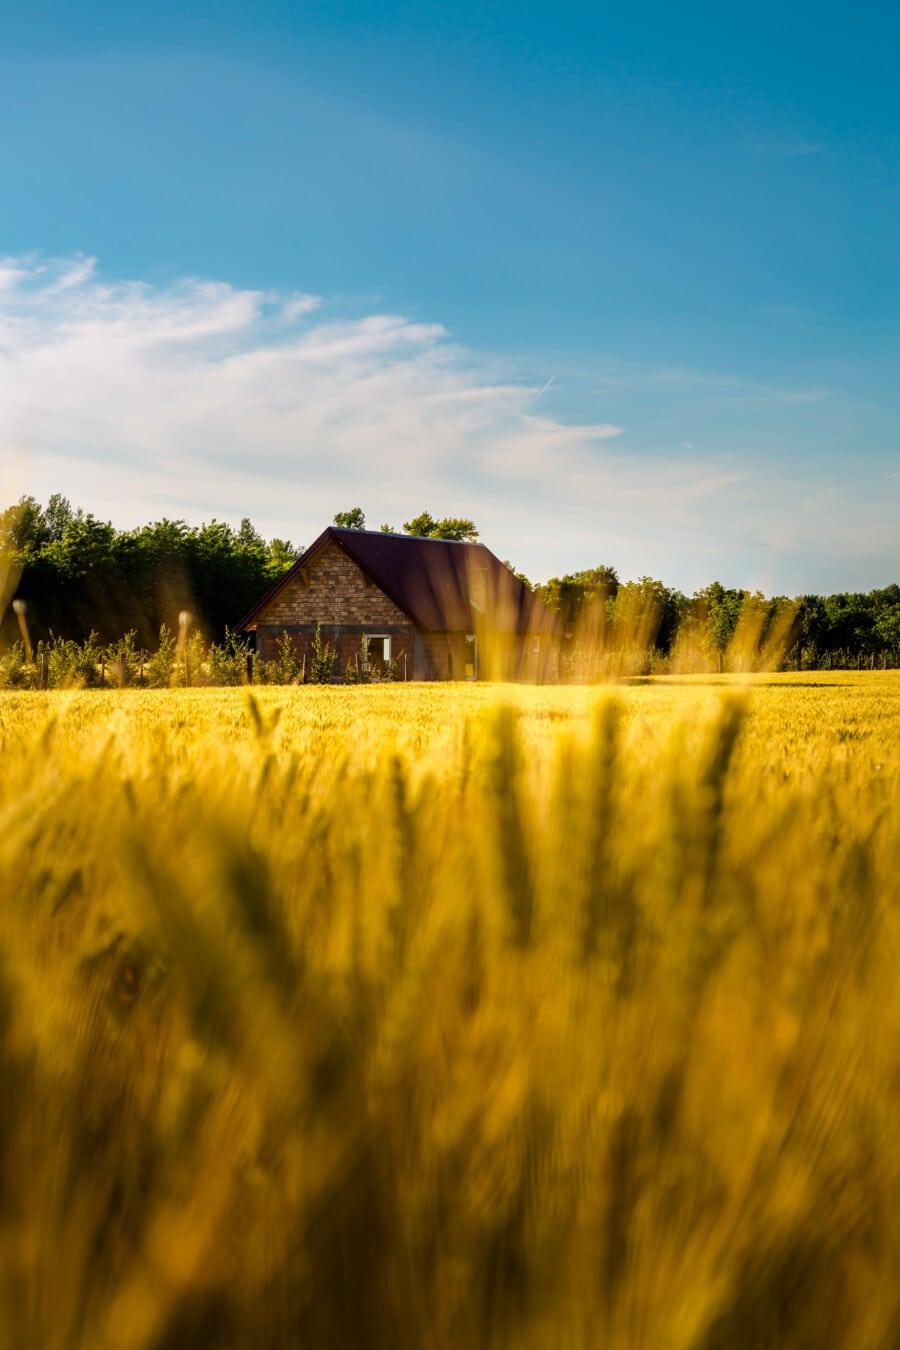 đất nông nghiệp, Trang trại, ánh sáng vàng, Wheatfield, mùa hè, vùng nông thôn, lúa mì, lĩnh vực, nông thôn, Barn